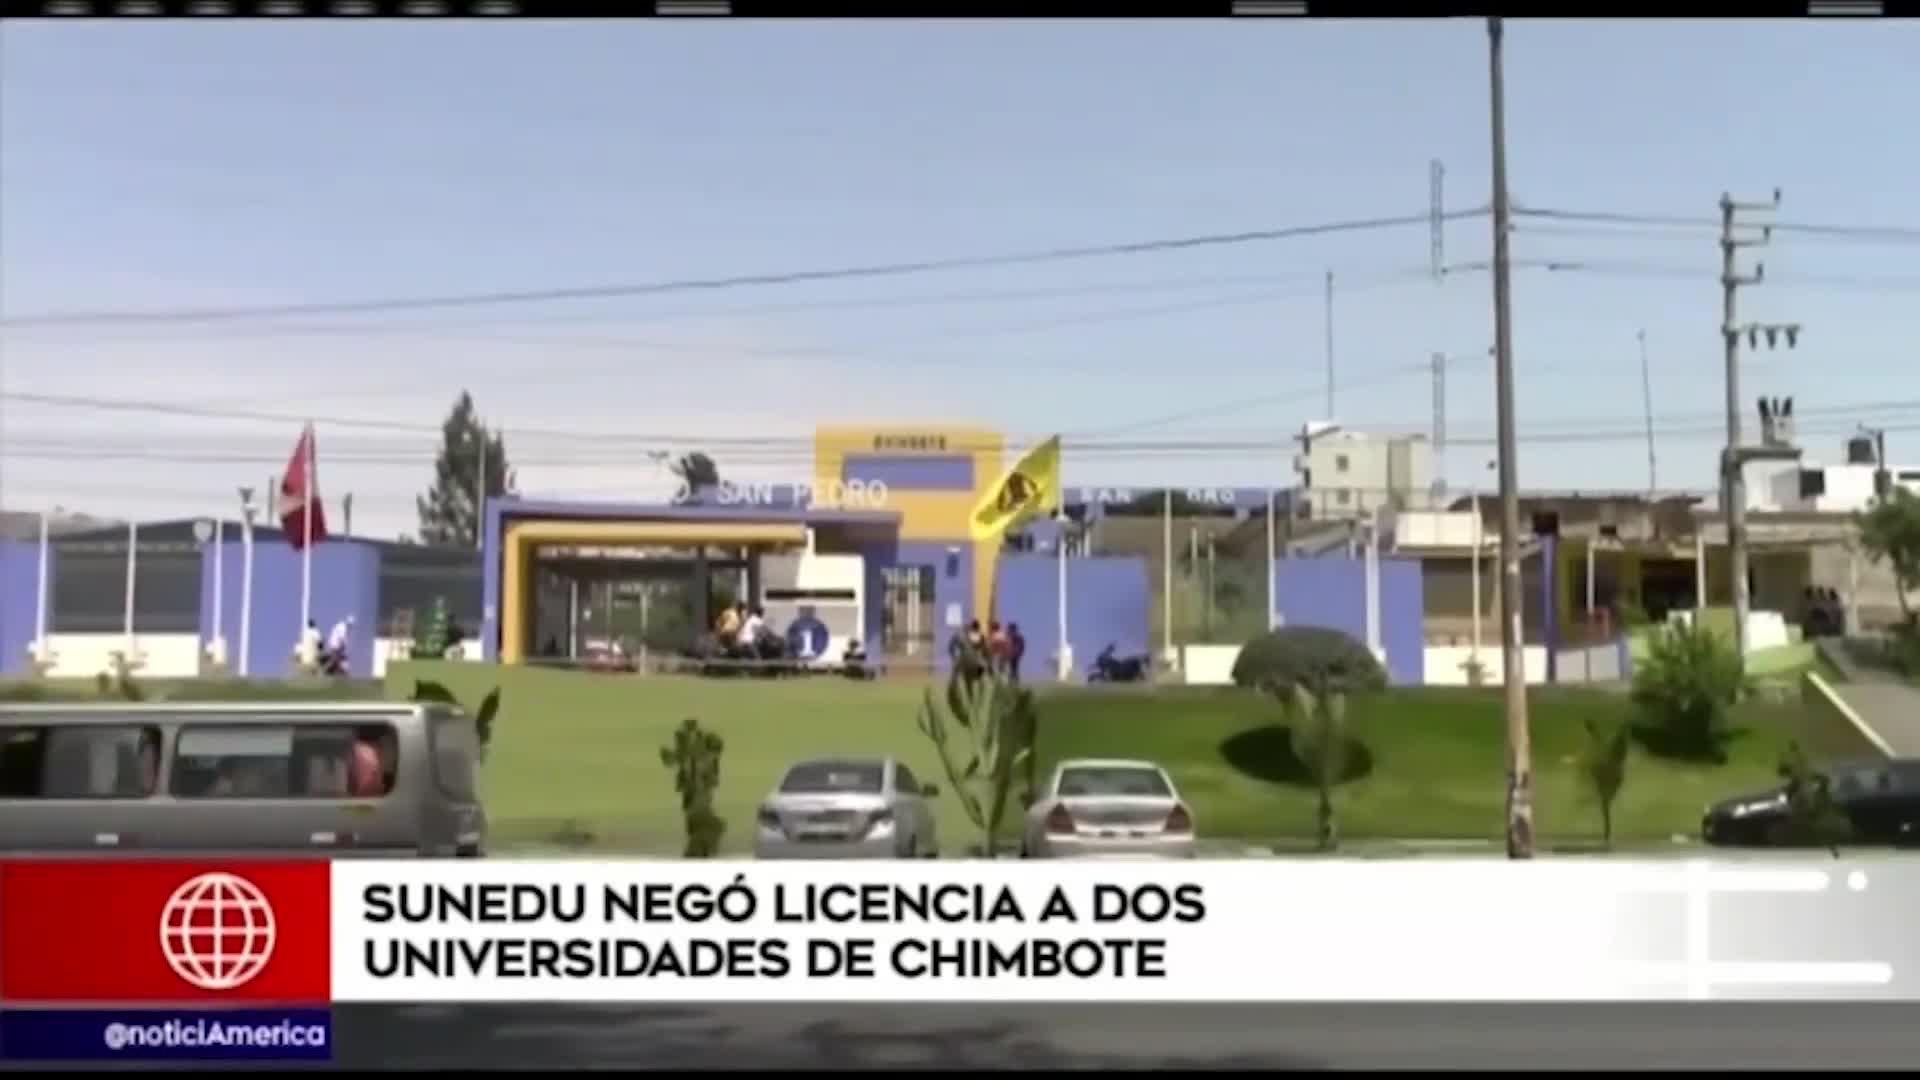 Sunedu negó licenciamiento a Universidad San Pedro y la Universidad Católica Los Ángeles